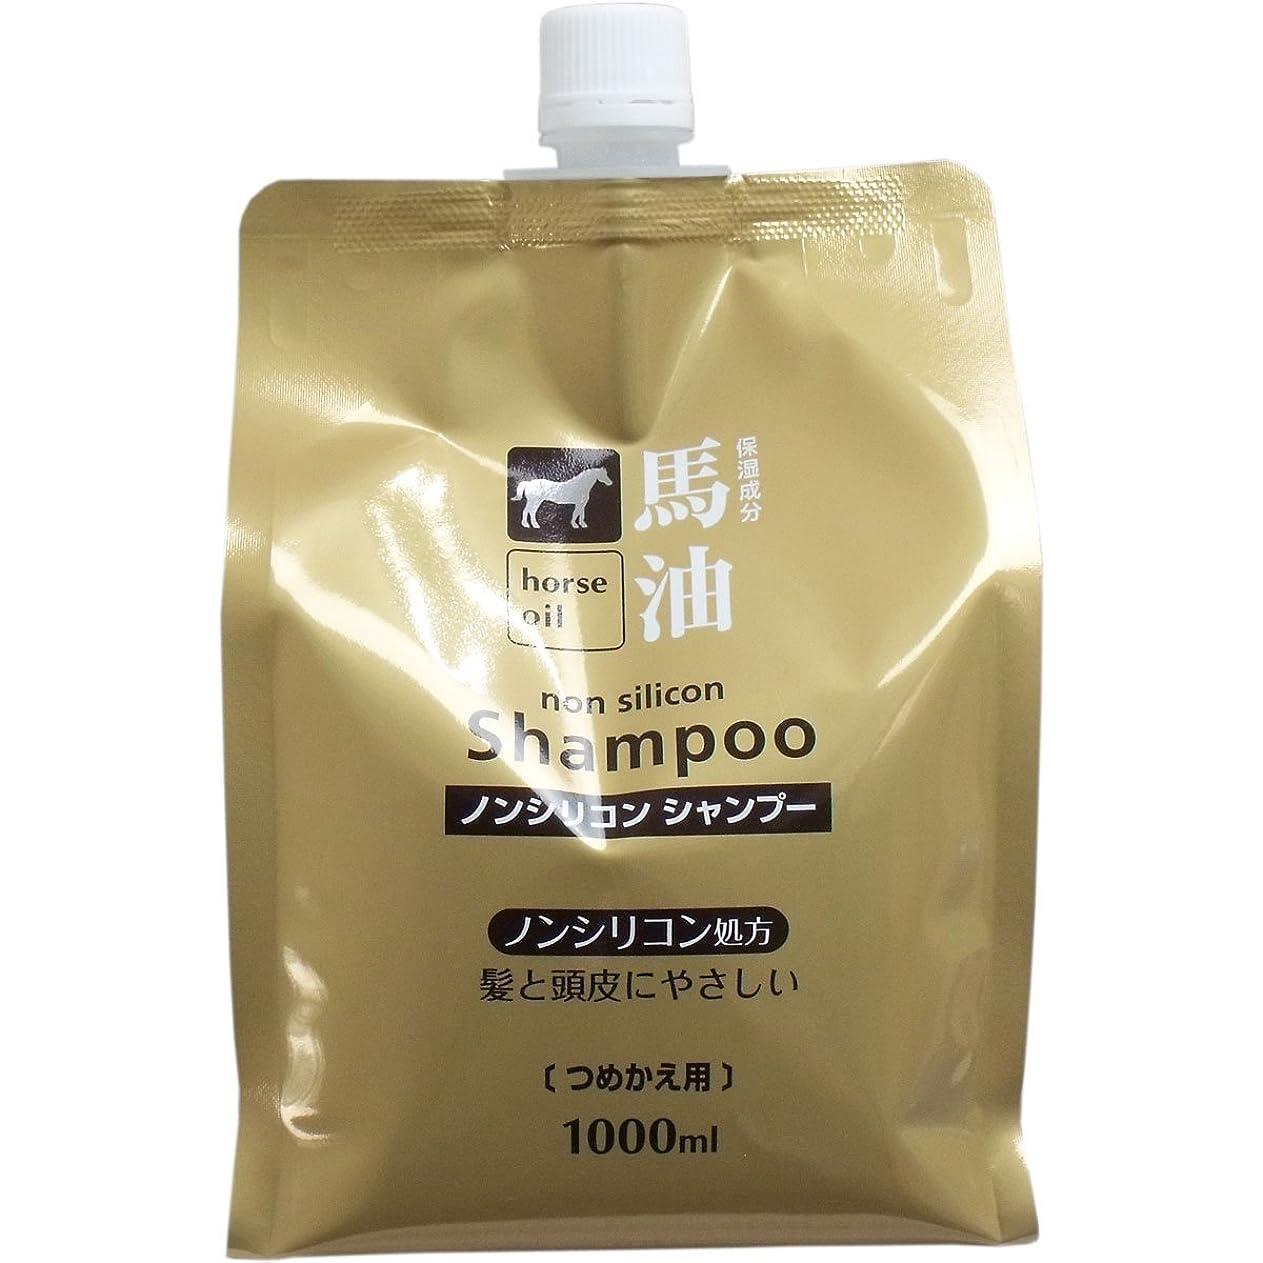 許すコンテンツ優先熊野油脂 馬油シャンプー 詰め替え用 1000ml × 3個